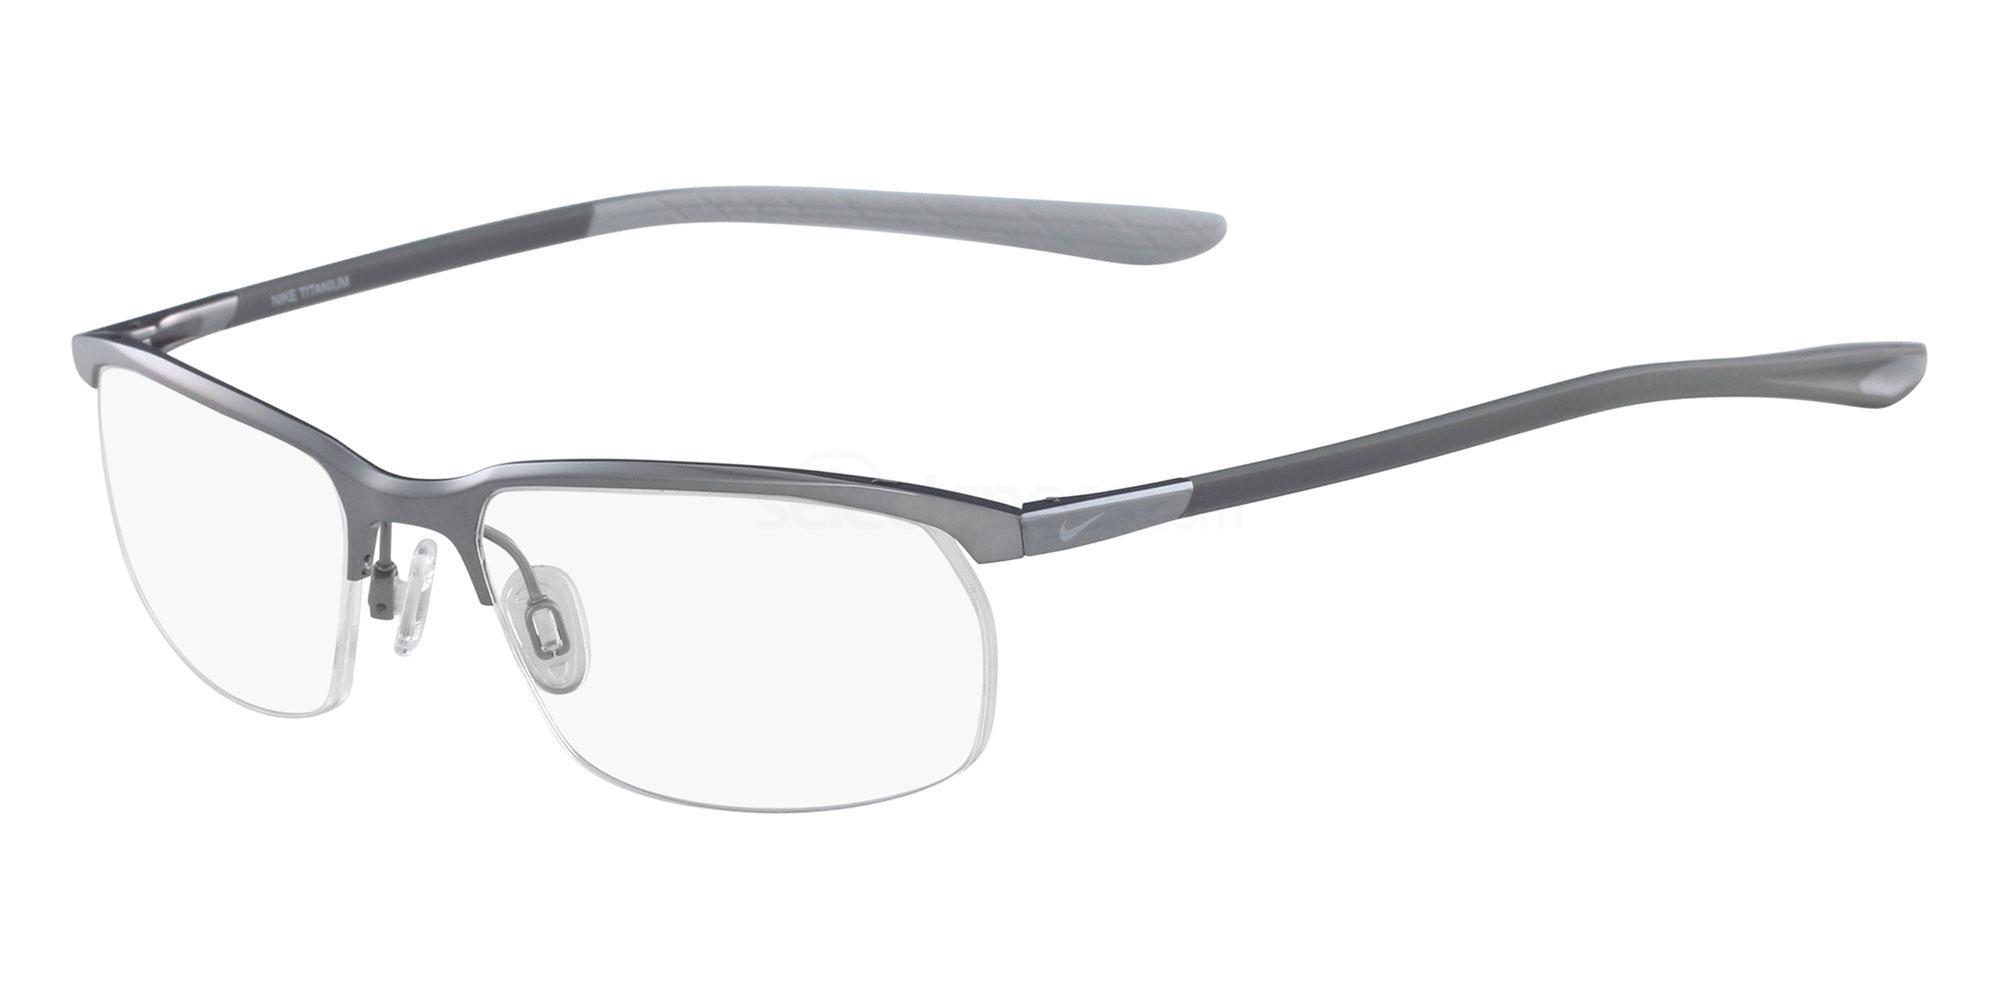 070 NIKE 6070 Glasses, Nike